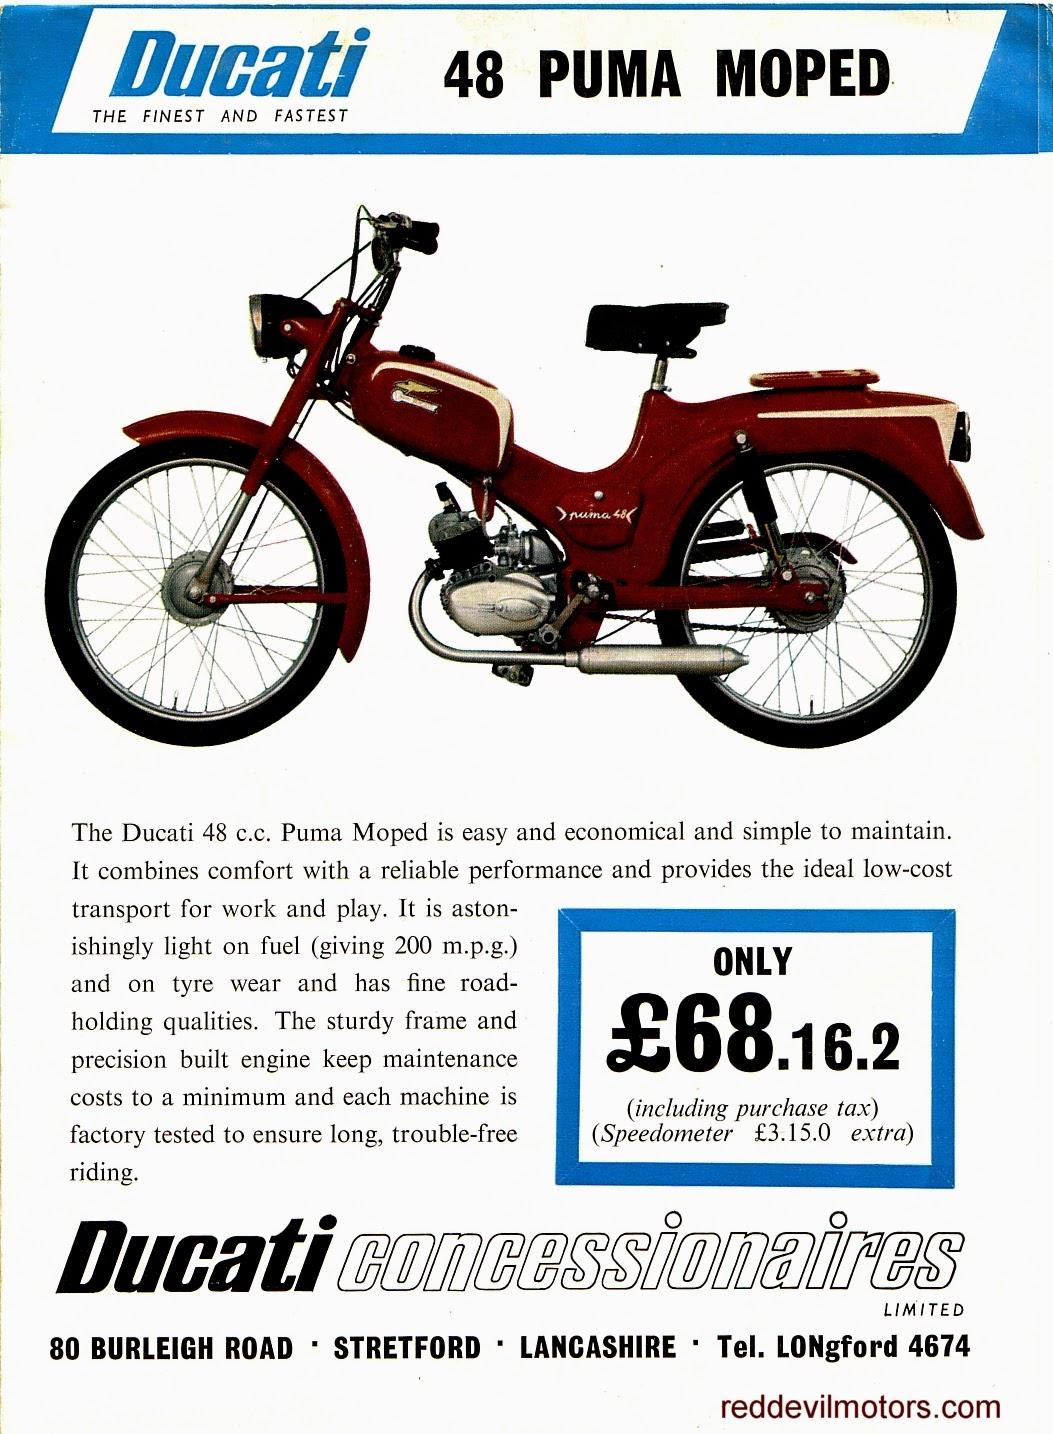 Ducati Puma moped 48cc